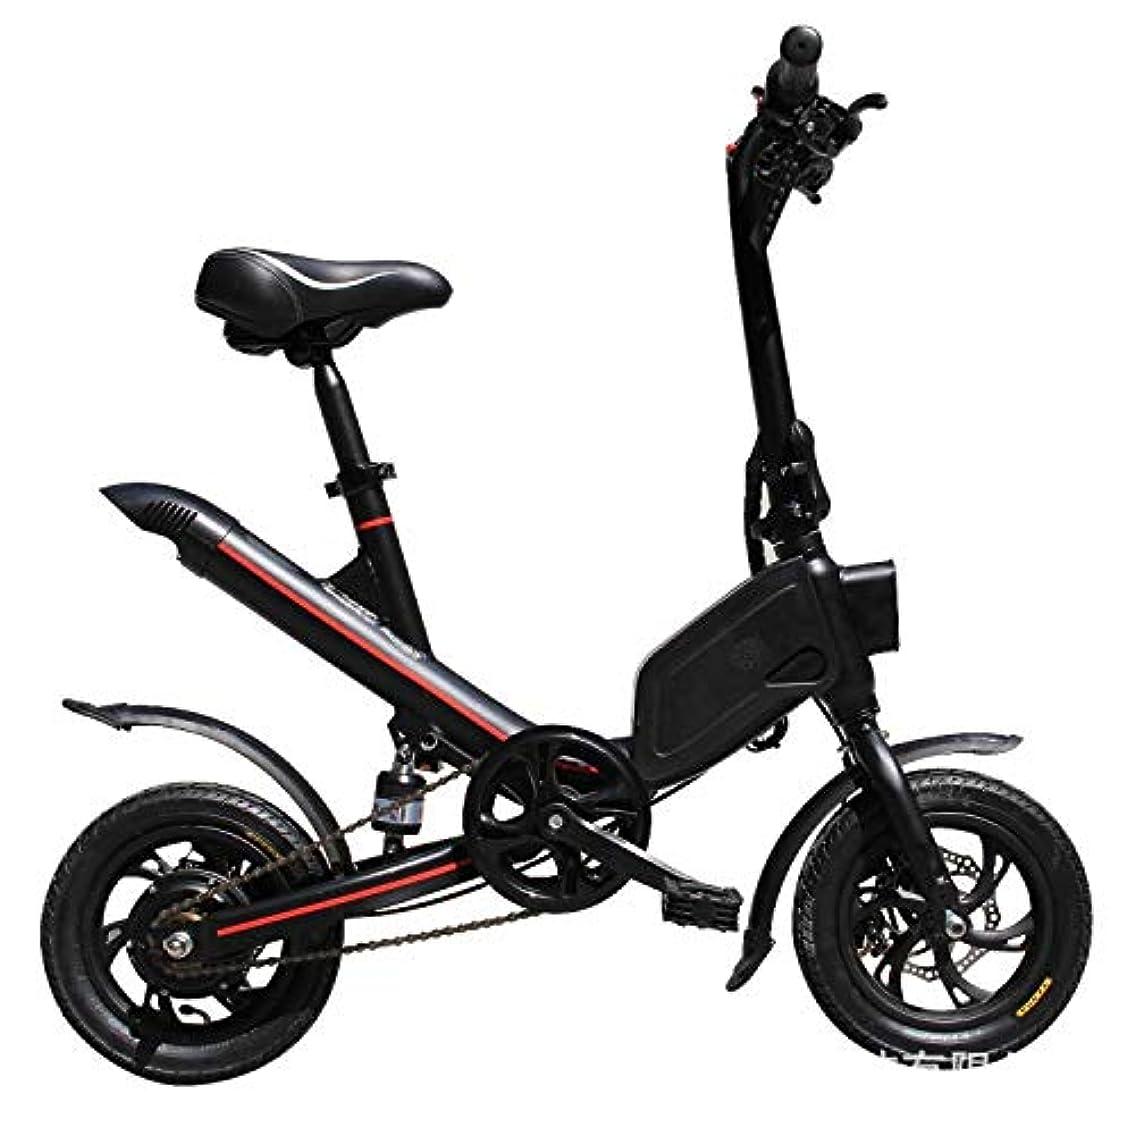 実業家エゴマニア前投薬折りたたみEBike、ロードバイク350Wアルミ電動自転車大人と高校生のためのペダル36V / 6.6 AHリチウムイオン電池と12インチ電動自転車15Mphと